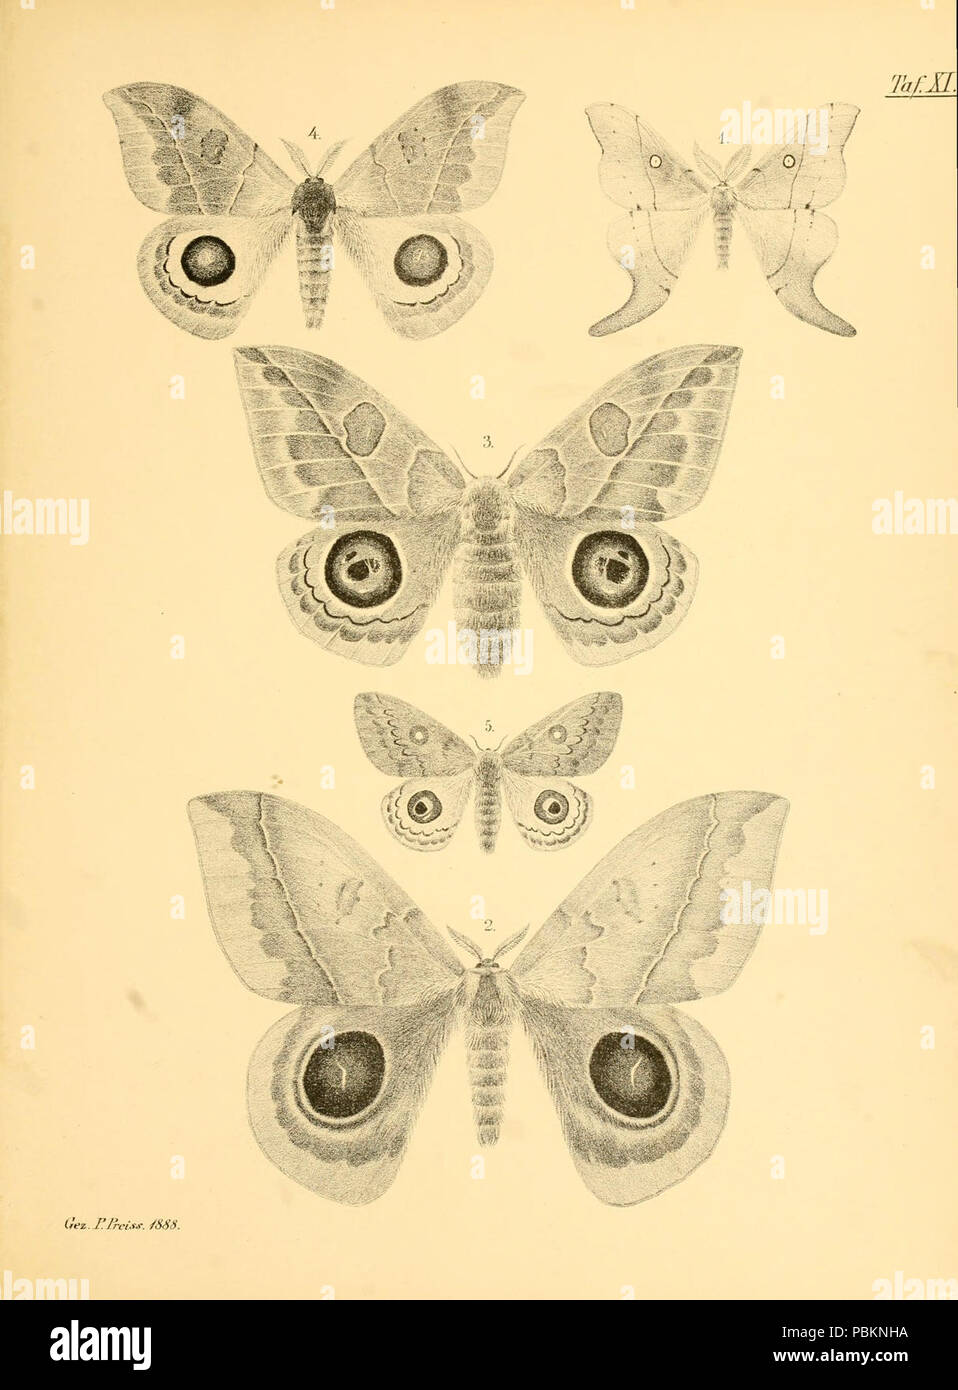 Abbildungen hervorragender Nachtschmetterlinge aus dem indo-australischen und südamerikanischen Faunengebiet (Taf. XI) - Stock Image